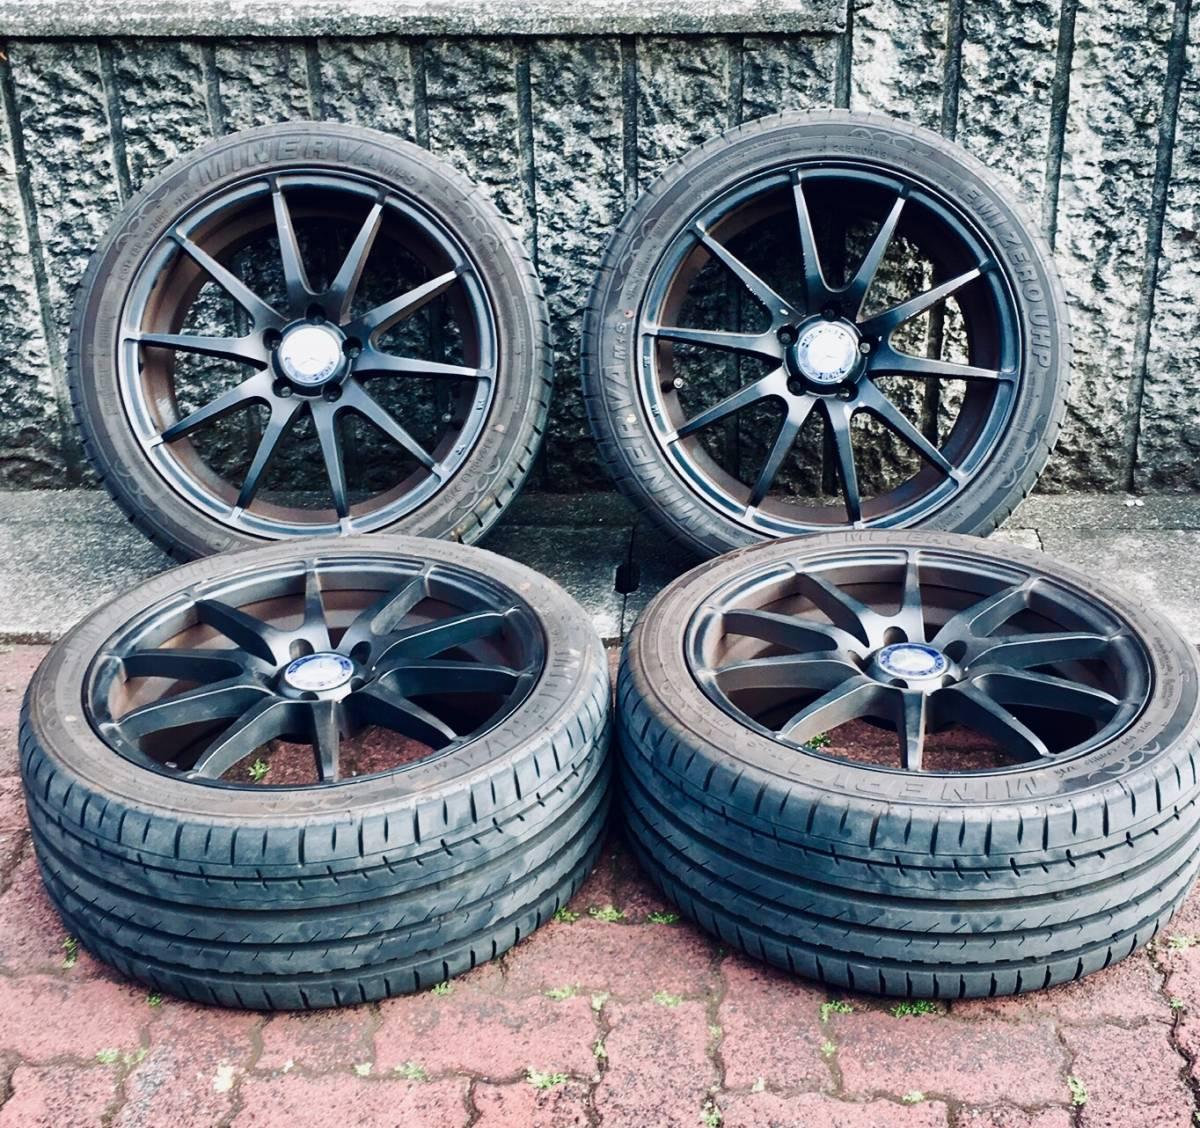 AMG ベンツ18インチタイヤホイールセット A/B/C/E/Vクラス/w245/w246/W204/W212/ 8J×18/PCD112/5H/ inset/50/245/45/18/ハブ66.6 ミネルバ